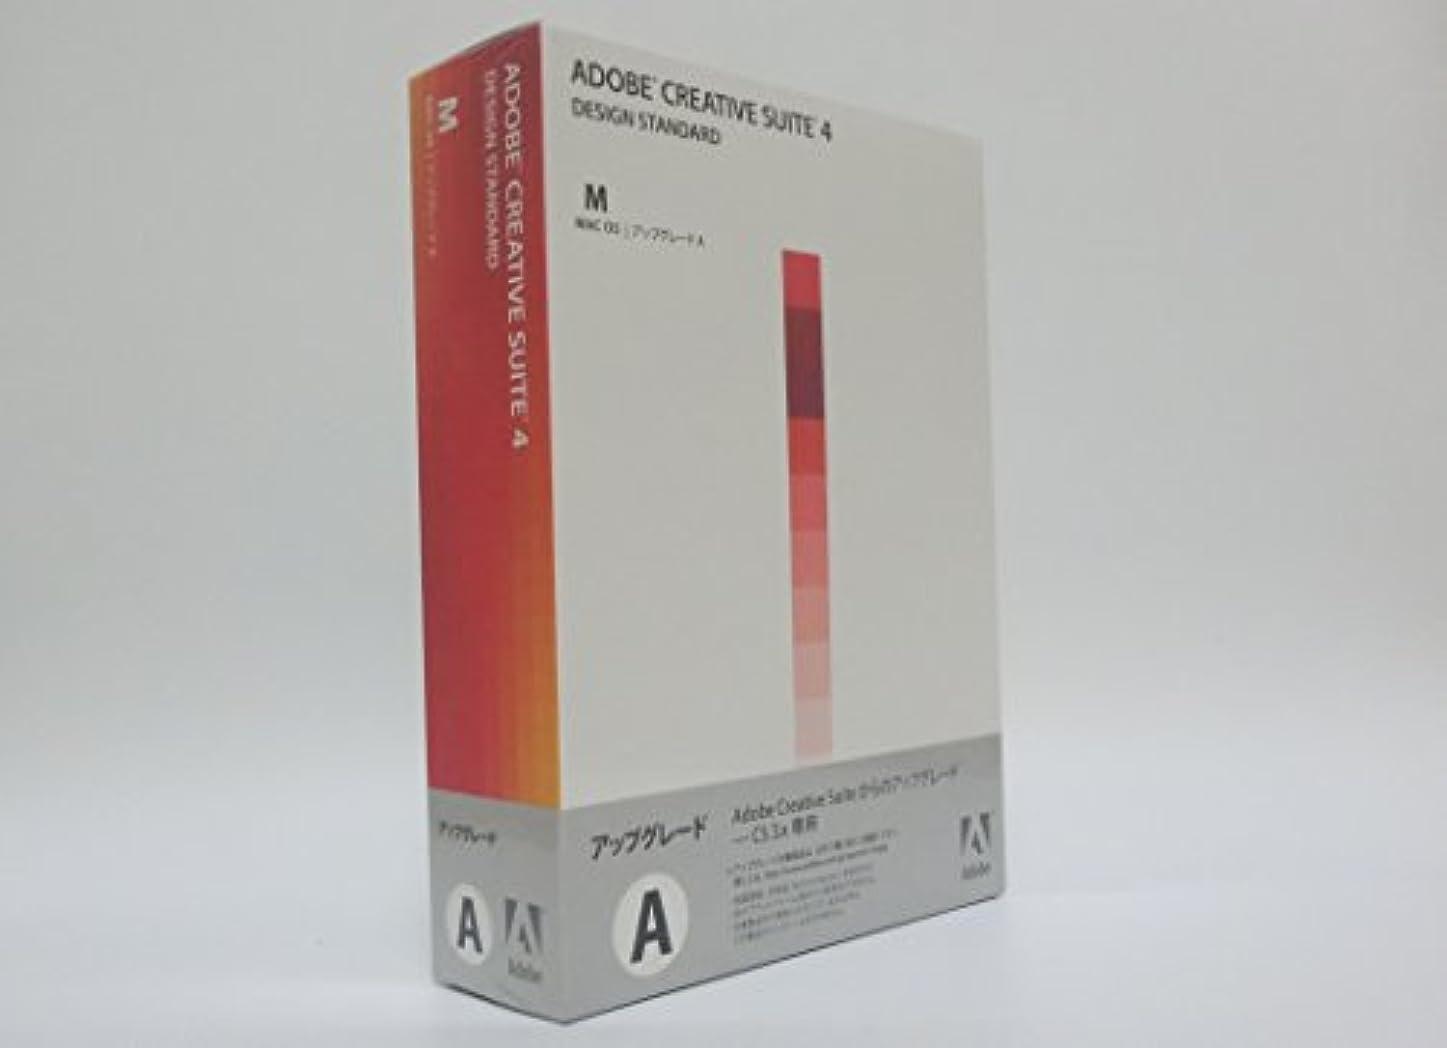 ドアミラー栄光のベリAdobe Creative Suite 4 Design Standard 日本語 Macintosh版 アップグレード版「A」(CS3.xからのアップグレード) (旧製品)